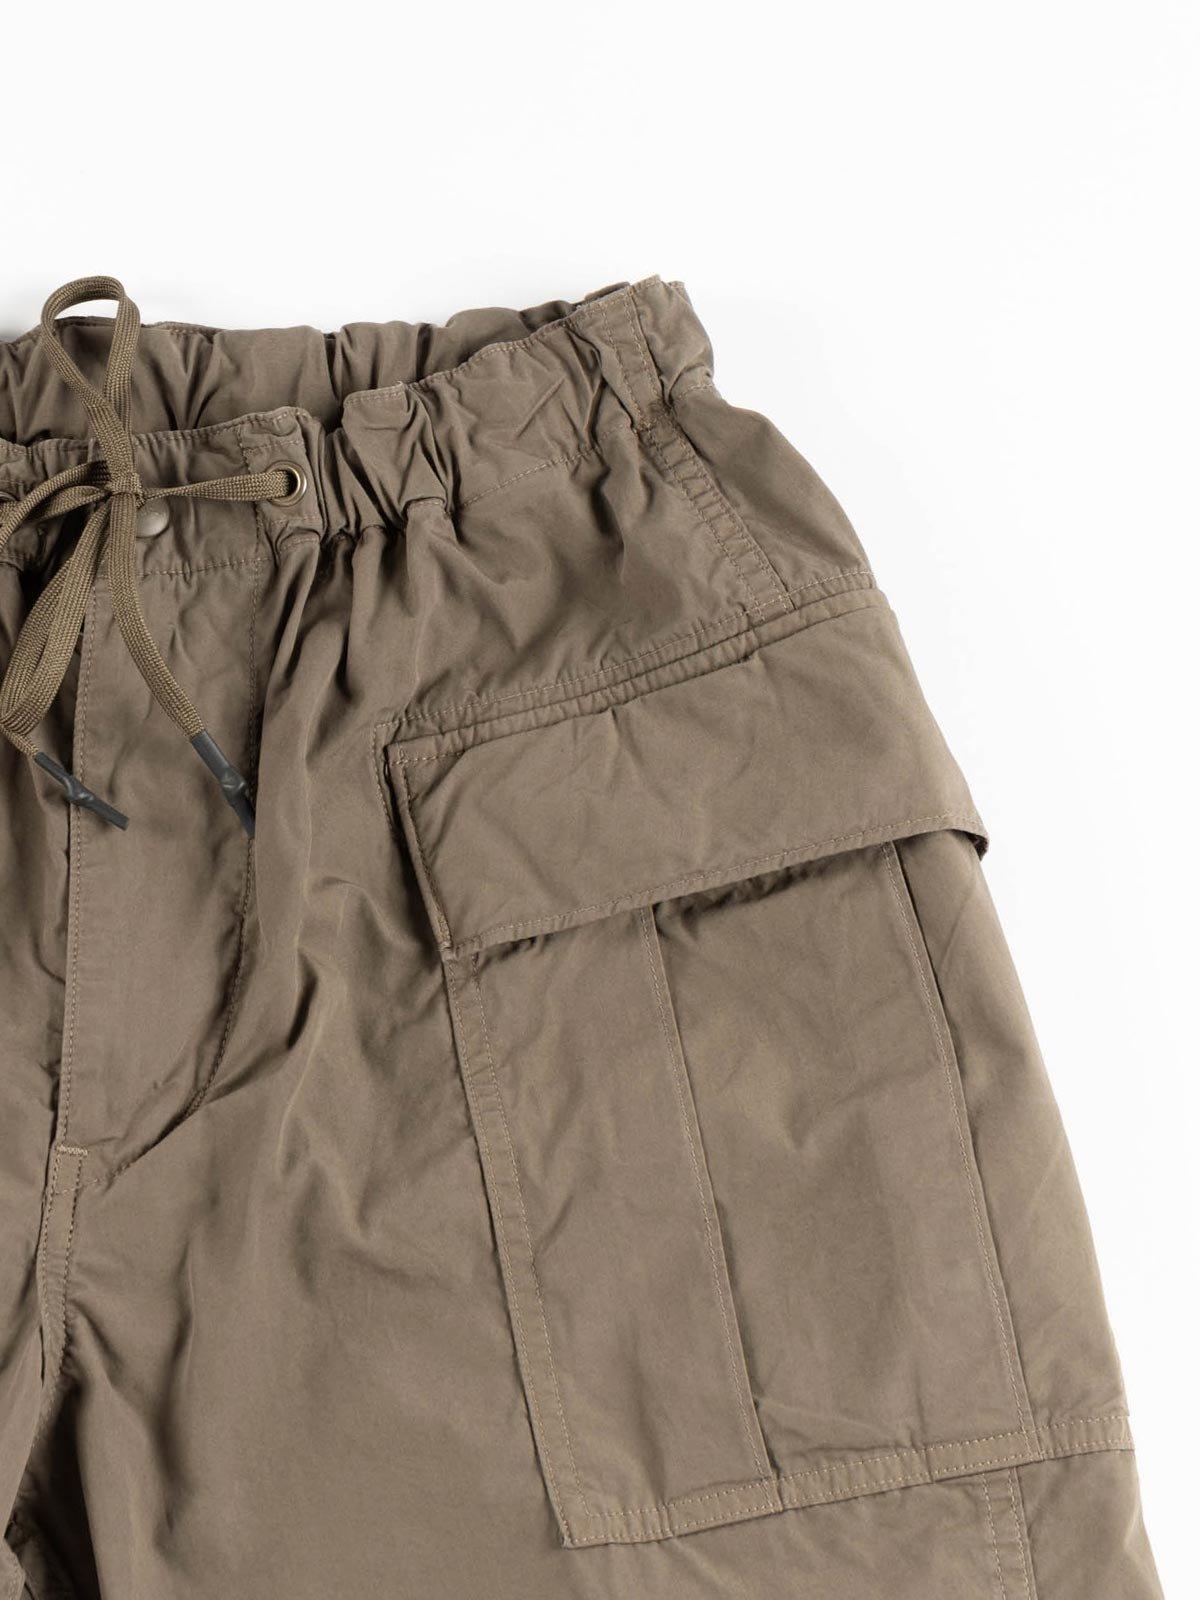 EASY CARGO SHORTS GREIGE TYPEWRITER CLOTH - Image 3